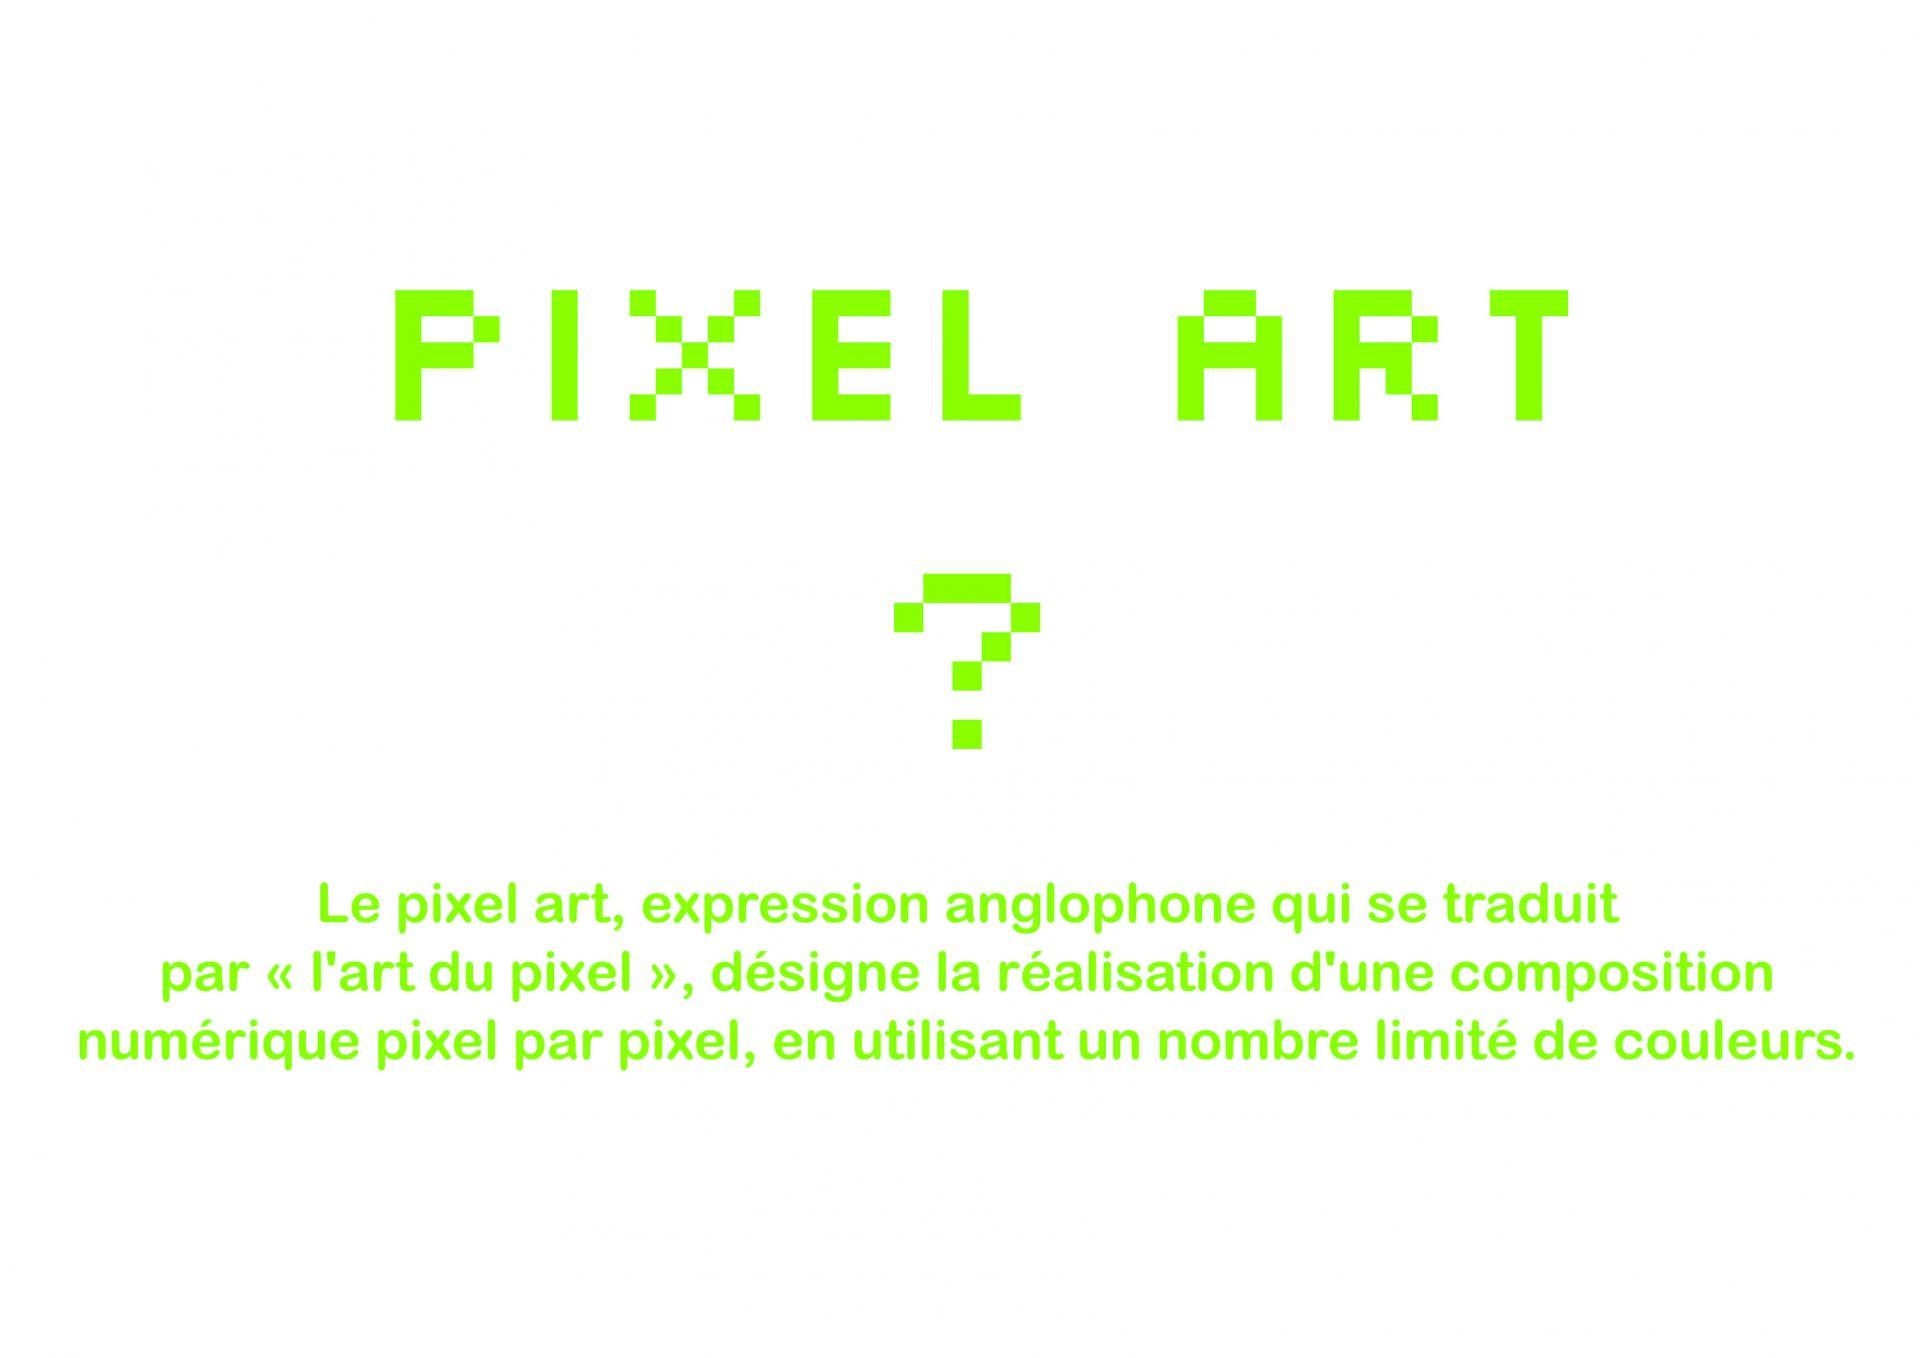 Le pixel art, terme anglophone qui se traduit par l'art du pixel, désigne la réalisation d'une composition numérique pixel par pixel, en limitant le nombre de couleurs.